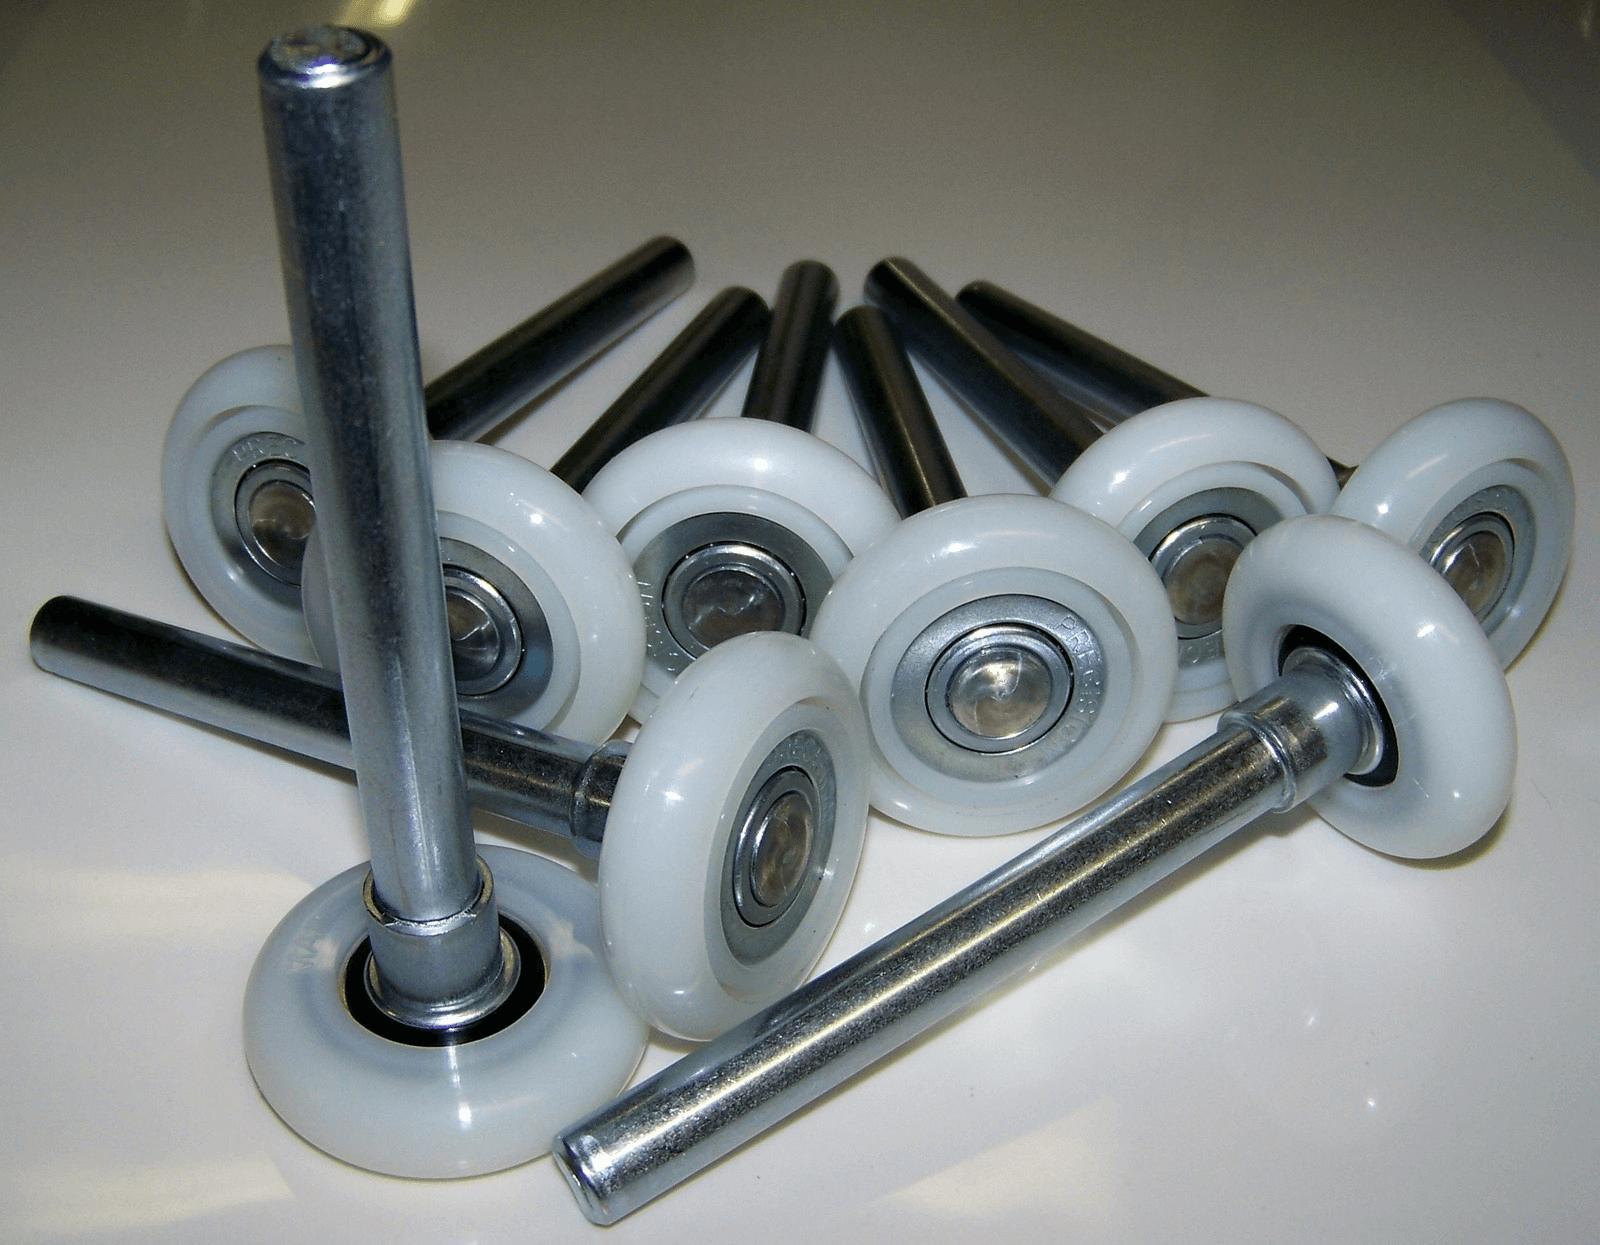 Plastic garage door rollers